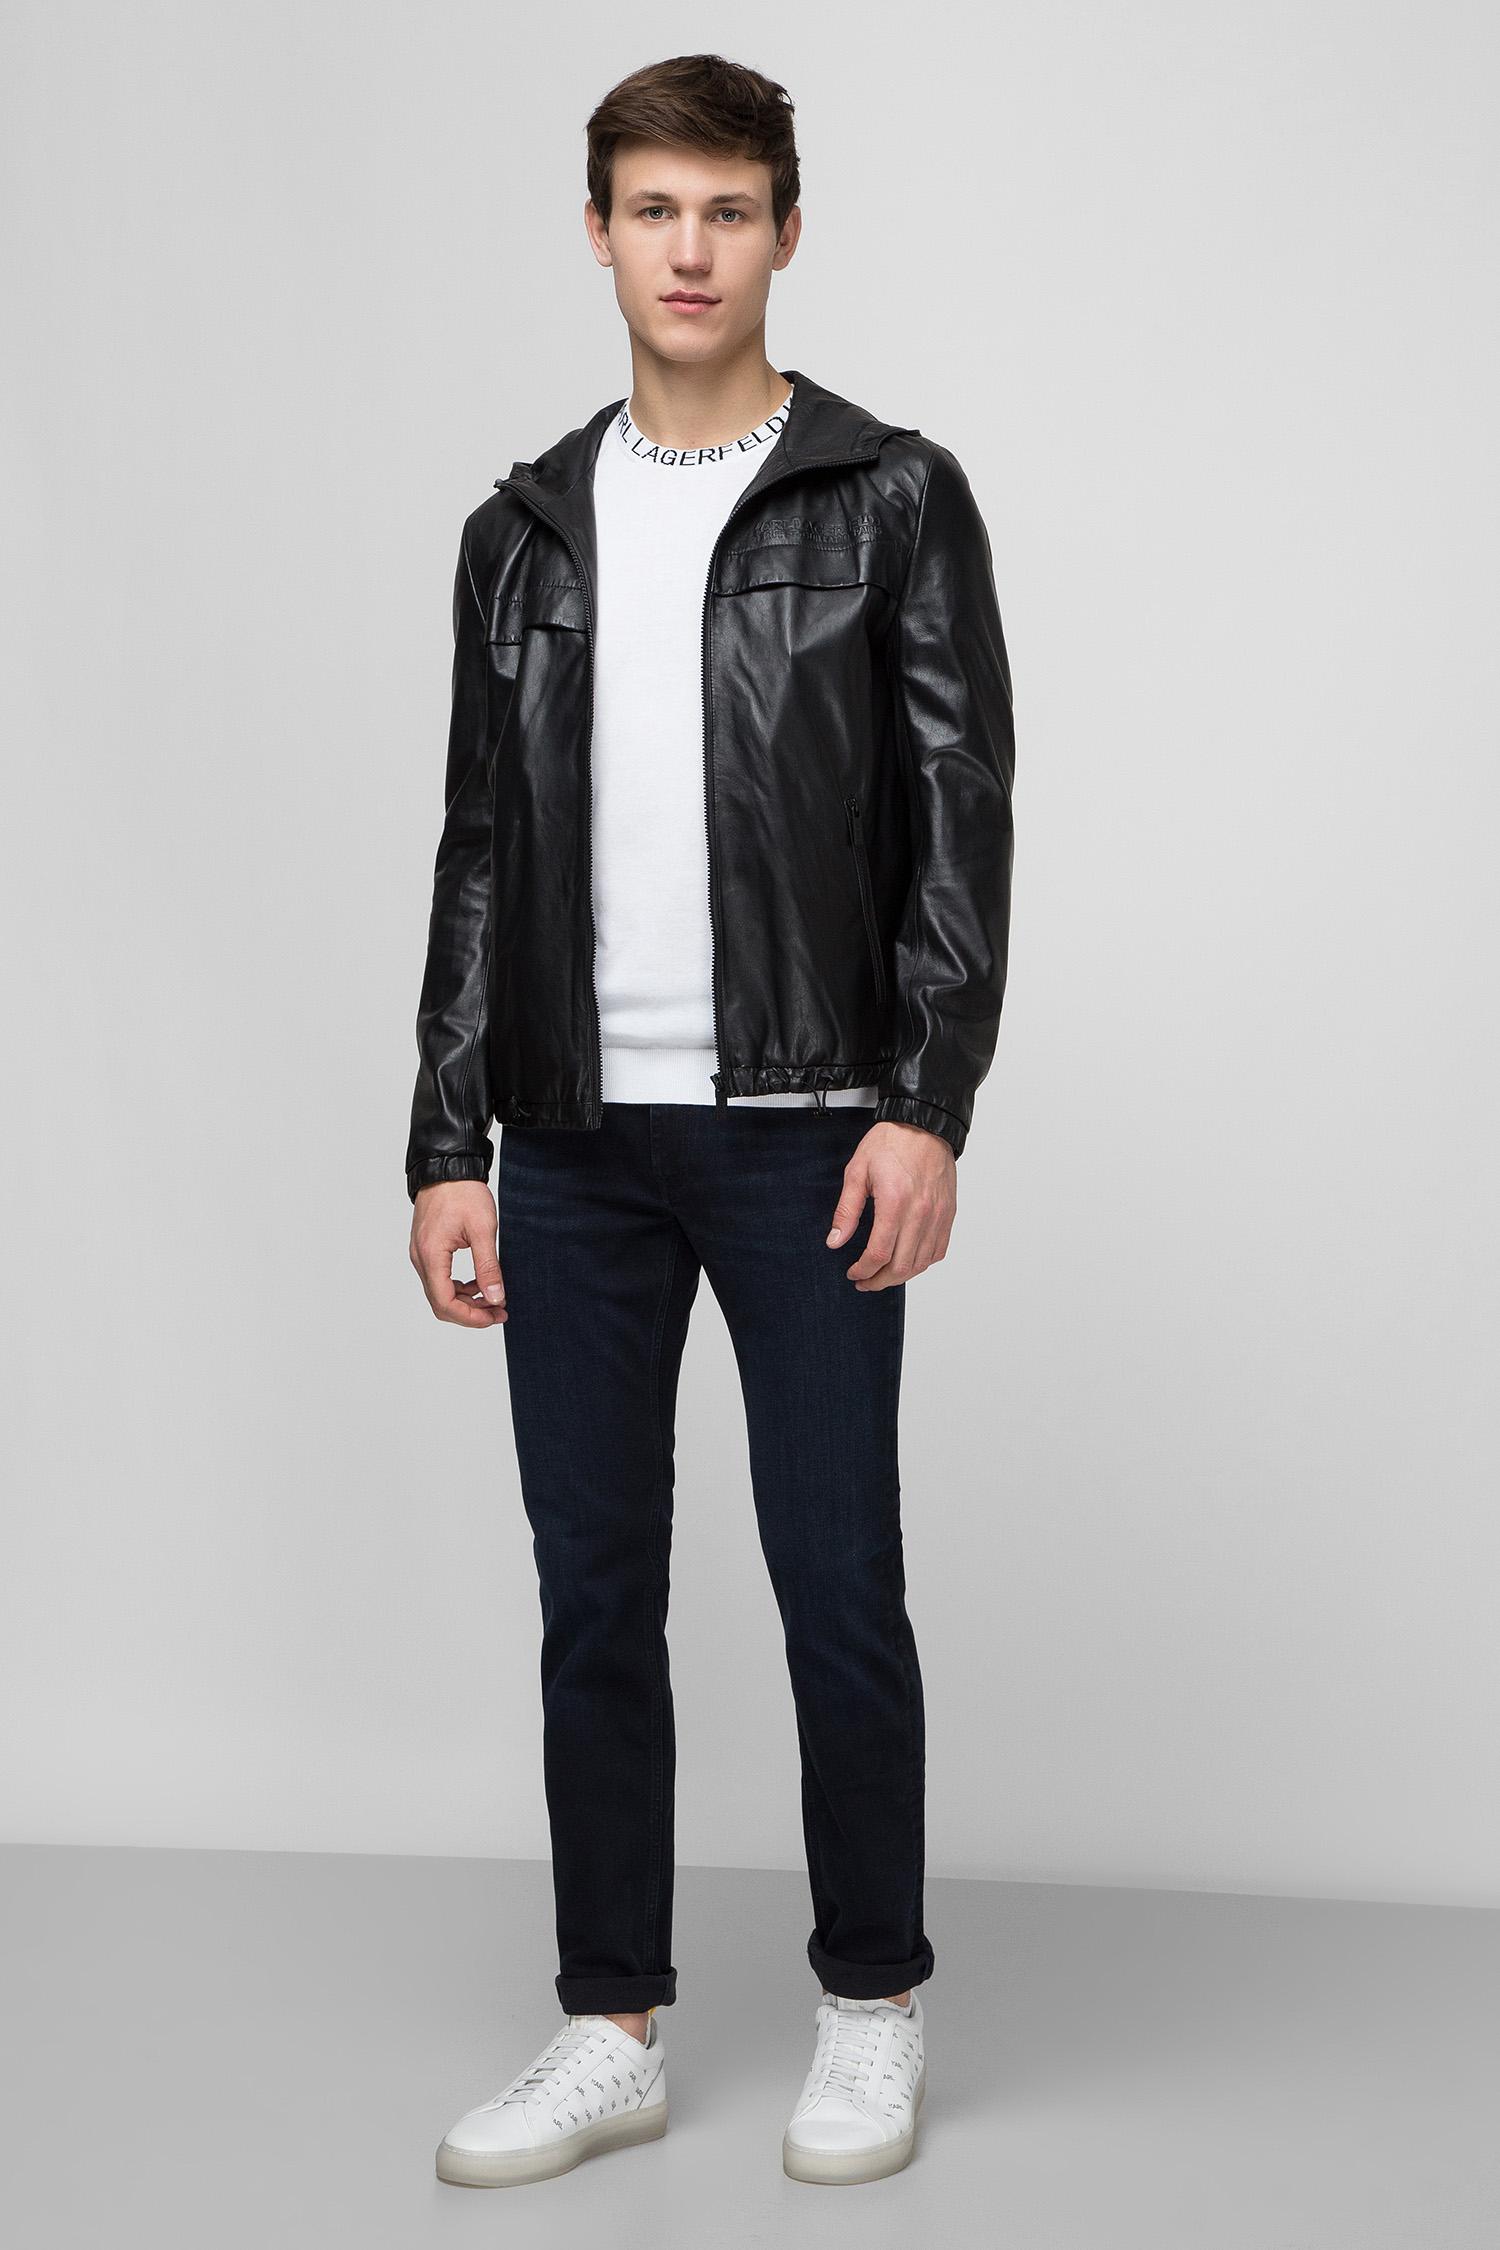 Мужская черная кожаная куртка Karl Lagerfeld 501407.555011;990